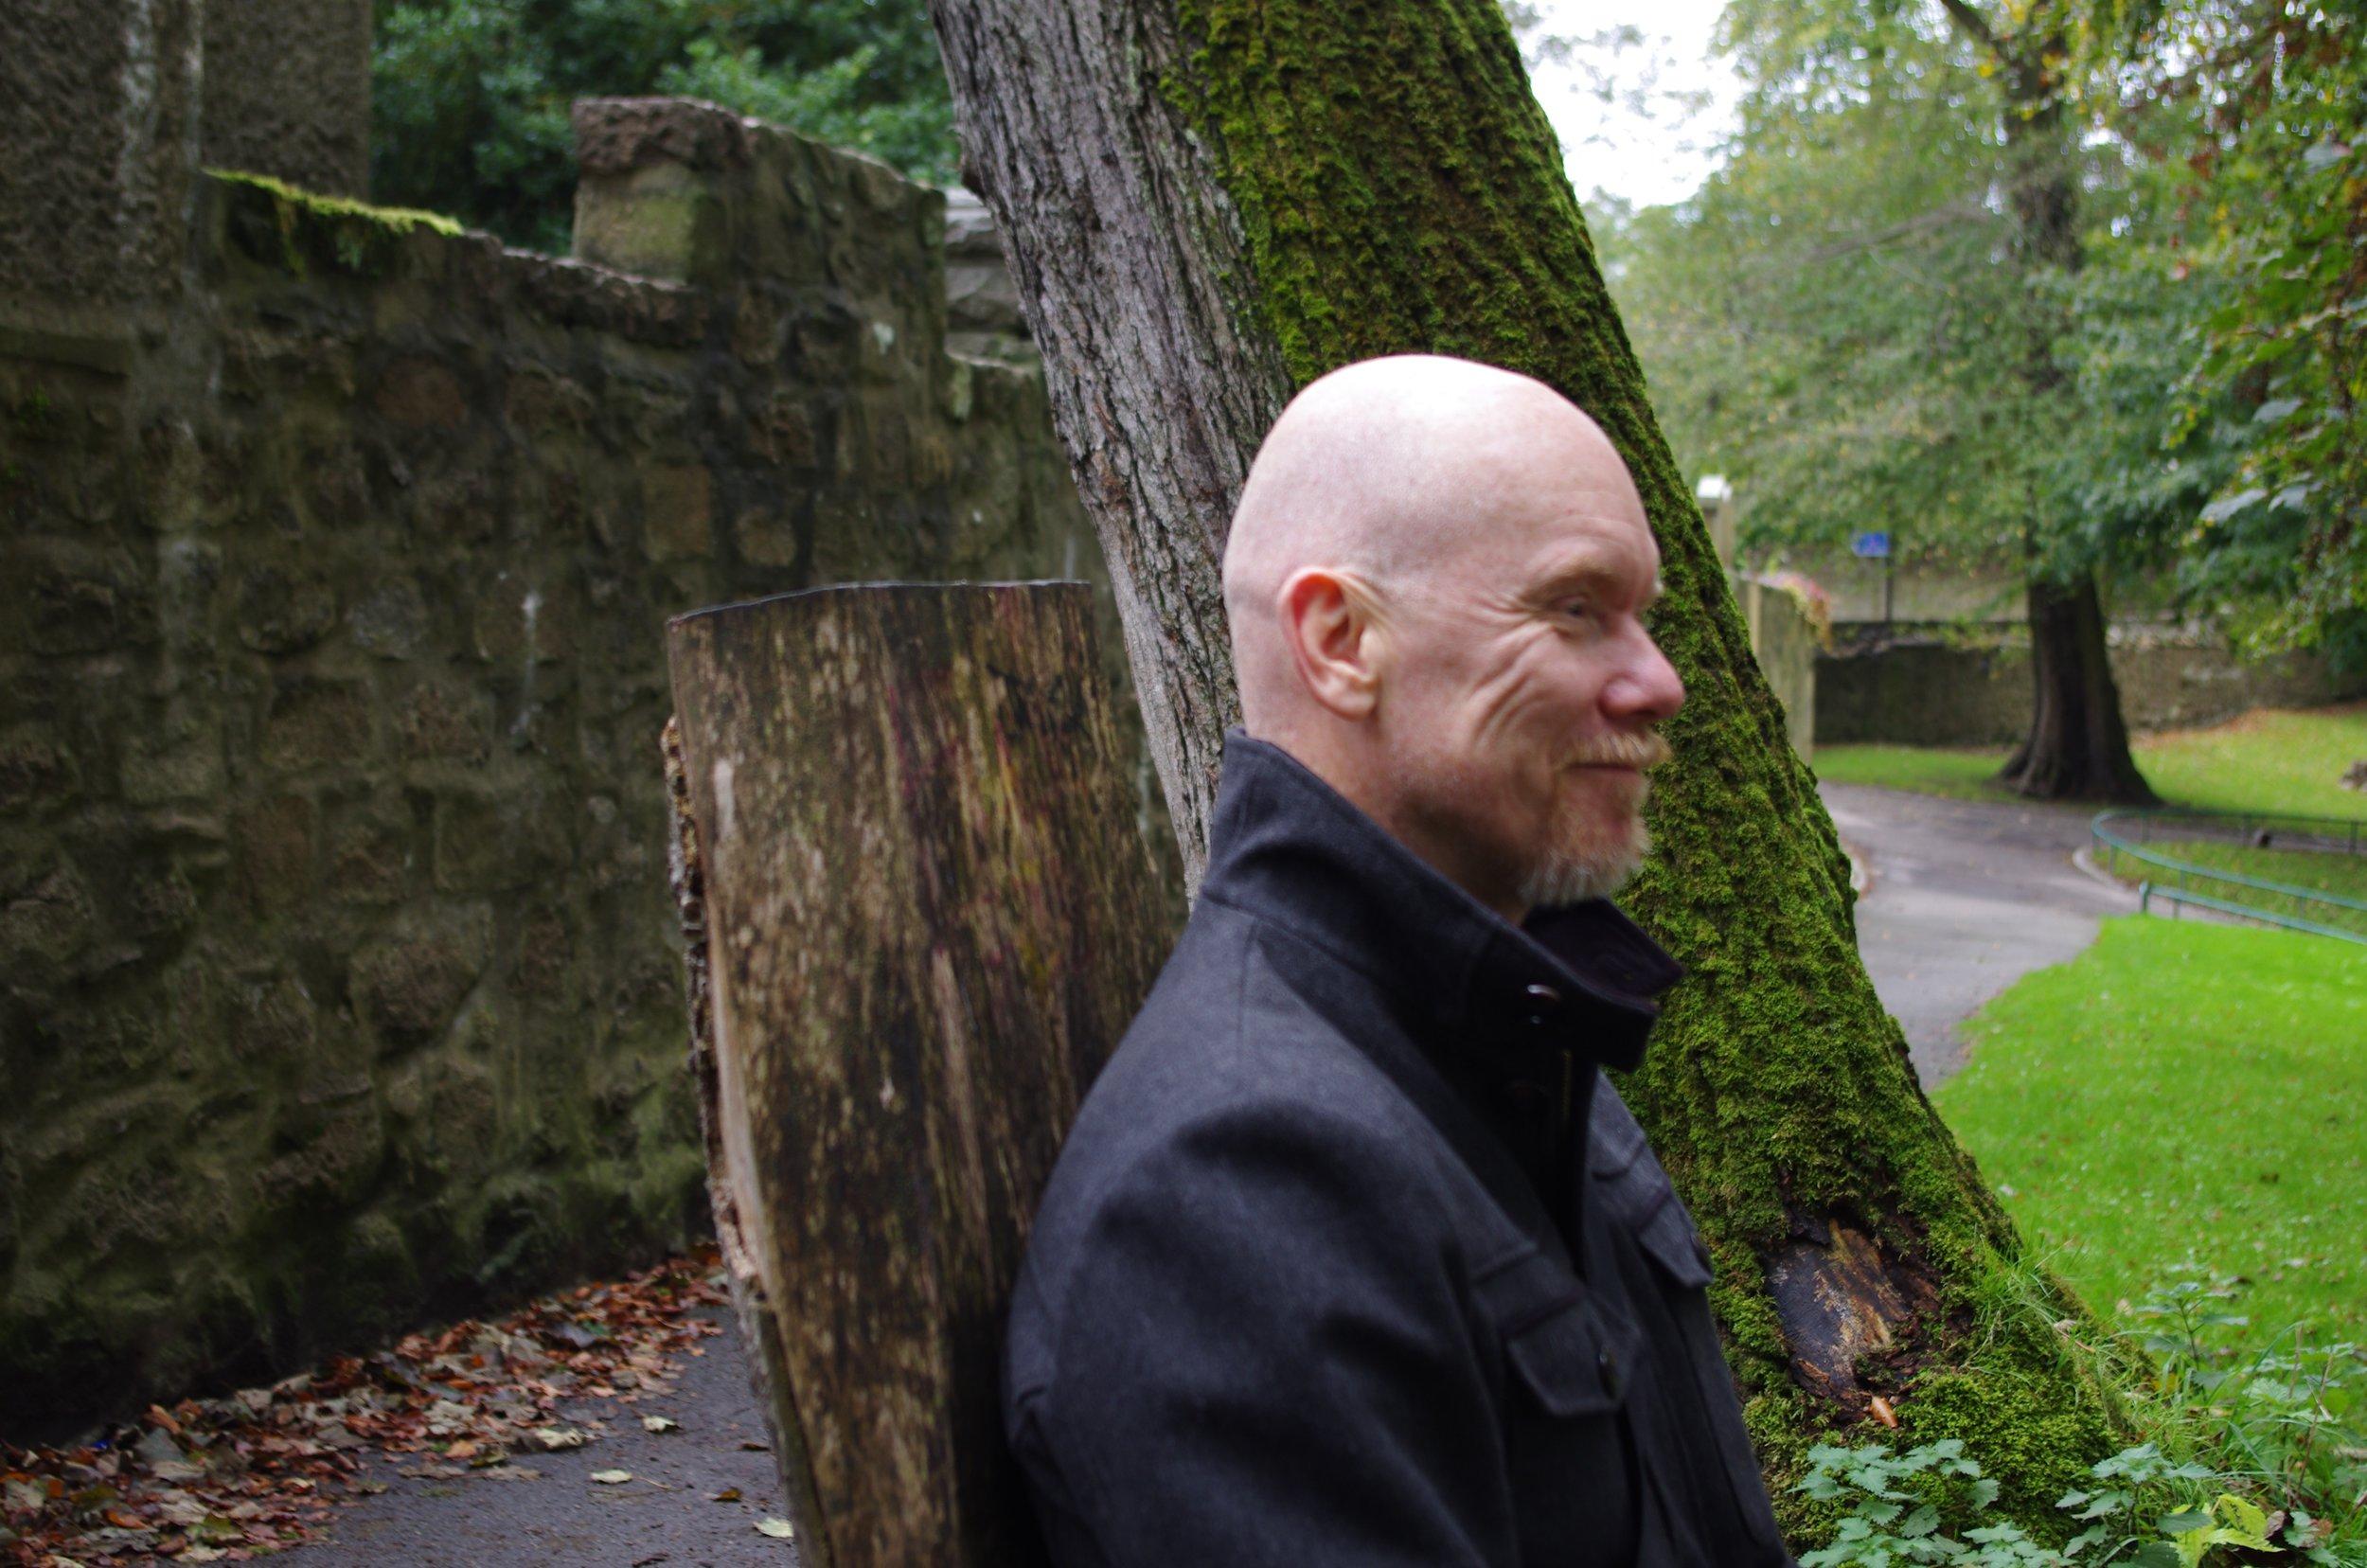 Peter Jacobsson      Legitimerad psykolog, legitimerad psykoterapeut, klinisk vårdutvecklare och doktorand vid neurovetenskapliga institutionen, Sahlgrenska akademin. Arbetar kliniskt i Psykiatrin Halland bl a med uppdrag att arbeta med    psykiska besvär hos vårdgivare   . Handledare,  utbildare  och mentor för vårdgivare inom somatisk och psykiatrisk vård. Kursledare i mindfulnessbaserad kognitiv terapi (MBKT) sedan 2007. Kursledare i    Mindful Practice sedan 2012    för att stärka kollegors inre hållbarhet.